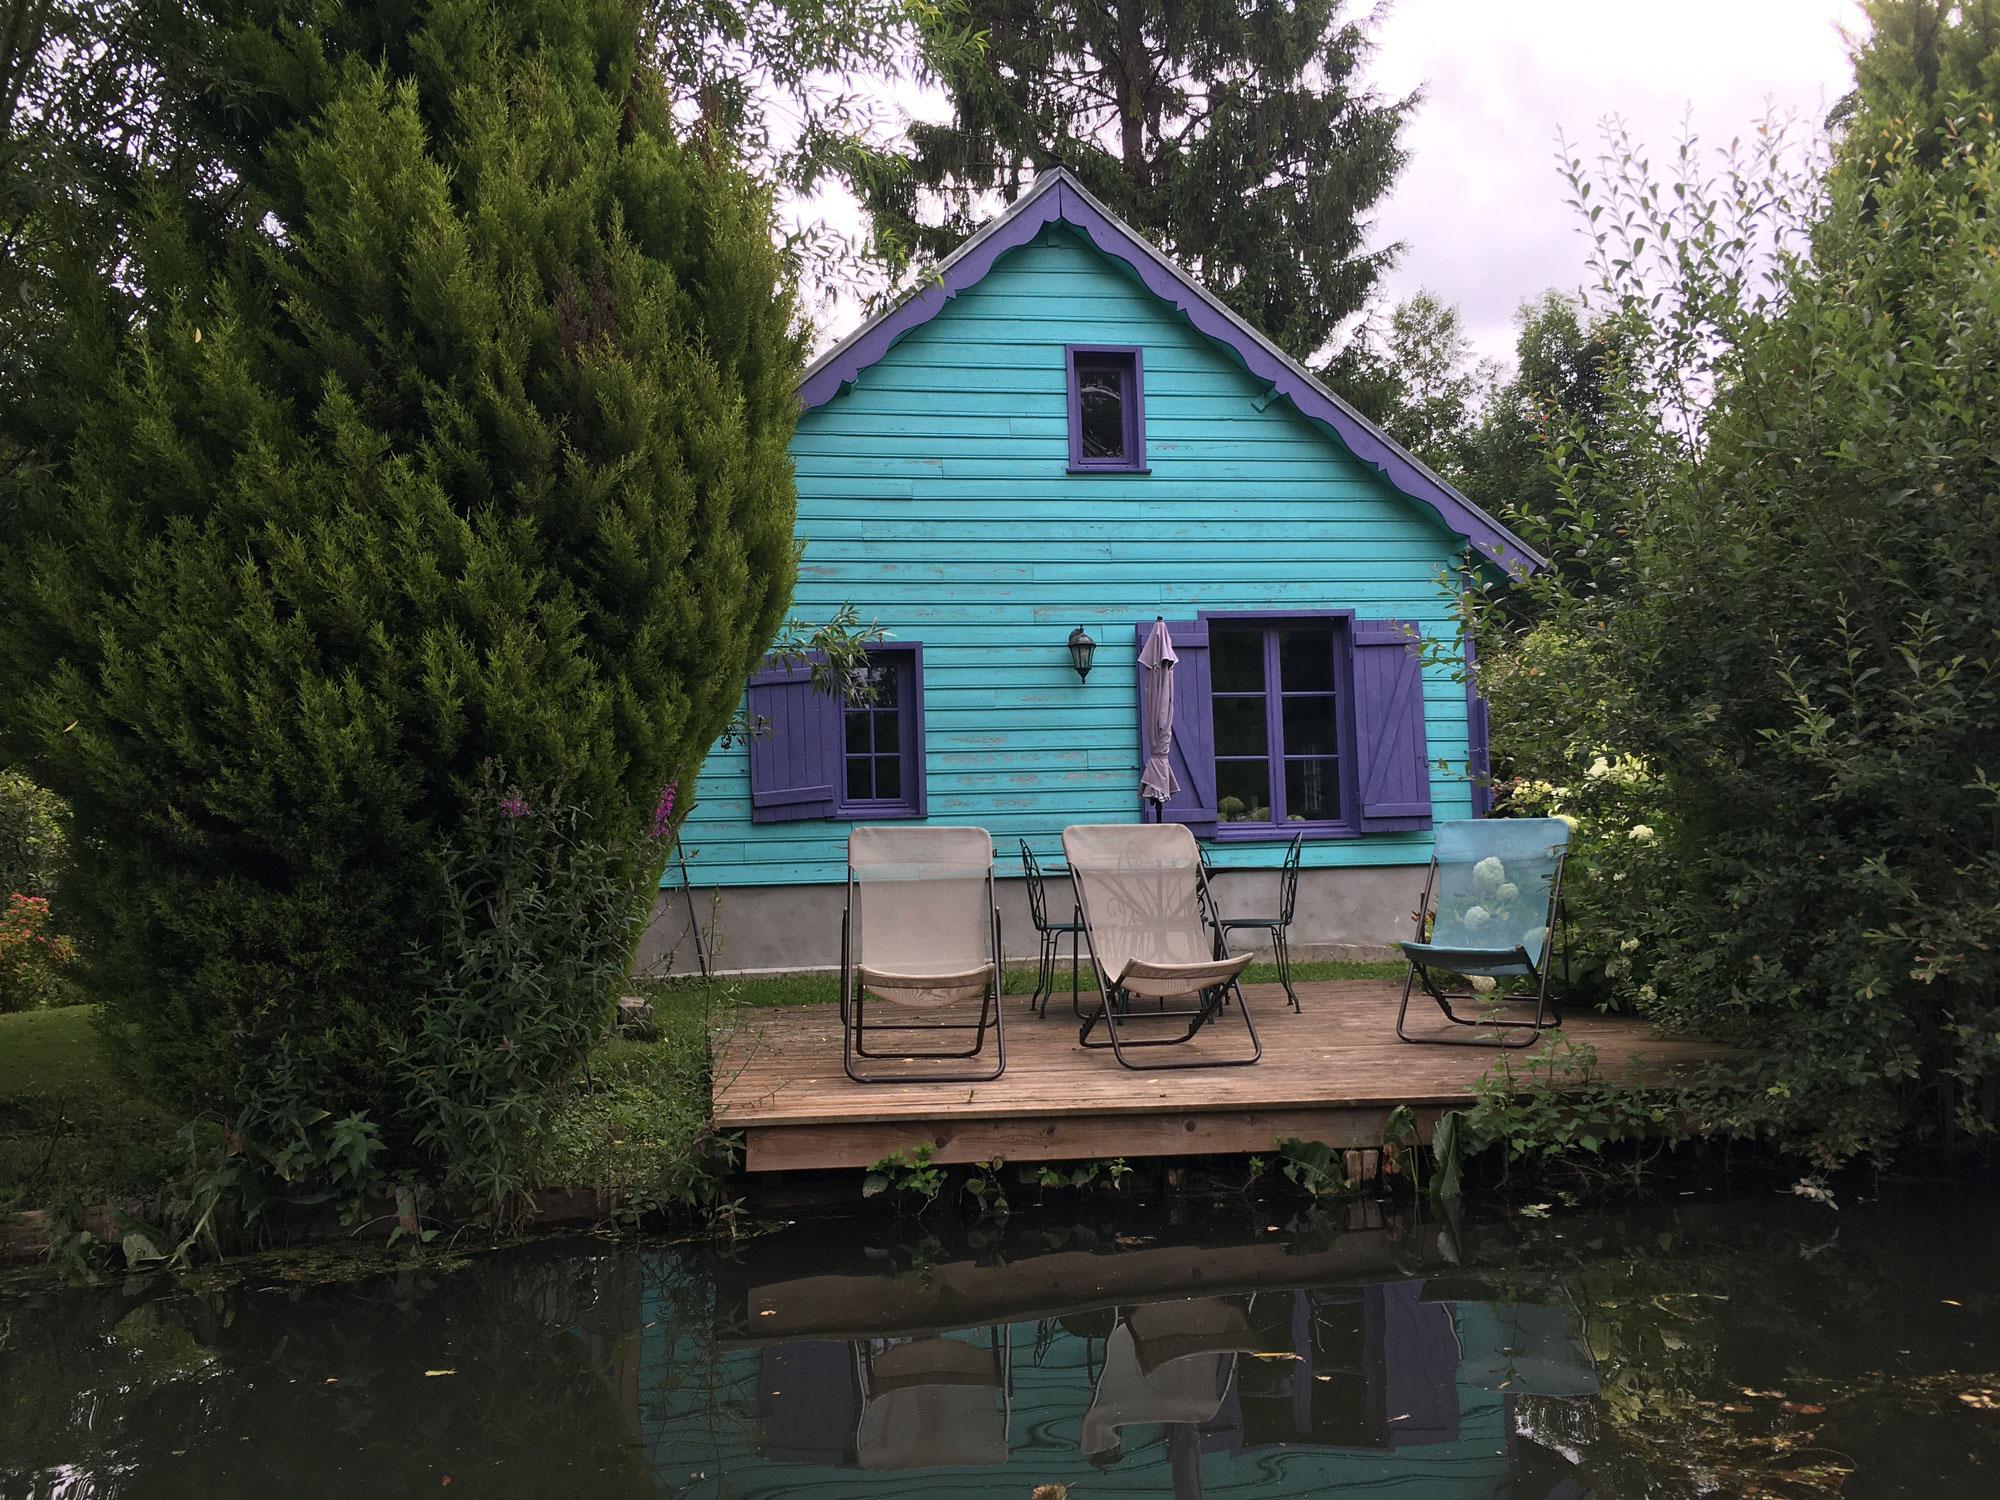 Un week-end à deux dans les hortillonnages d'Amiens